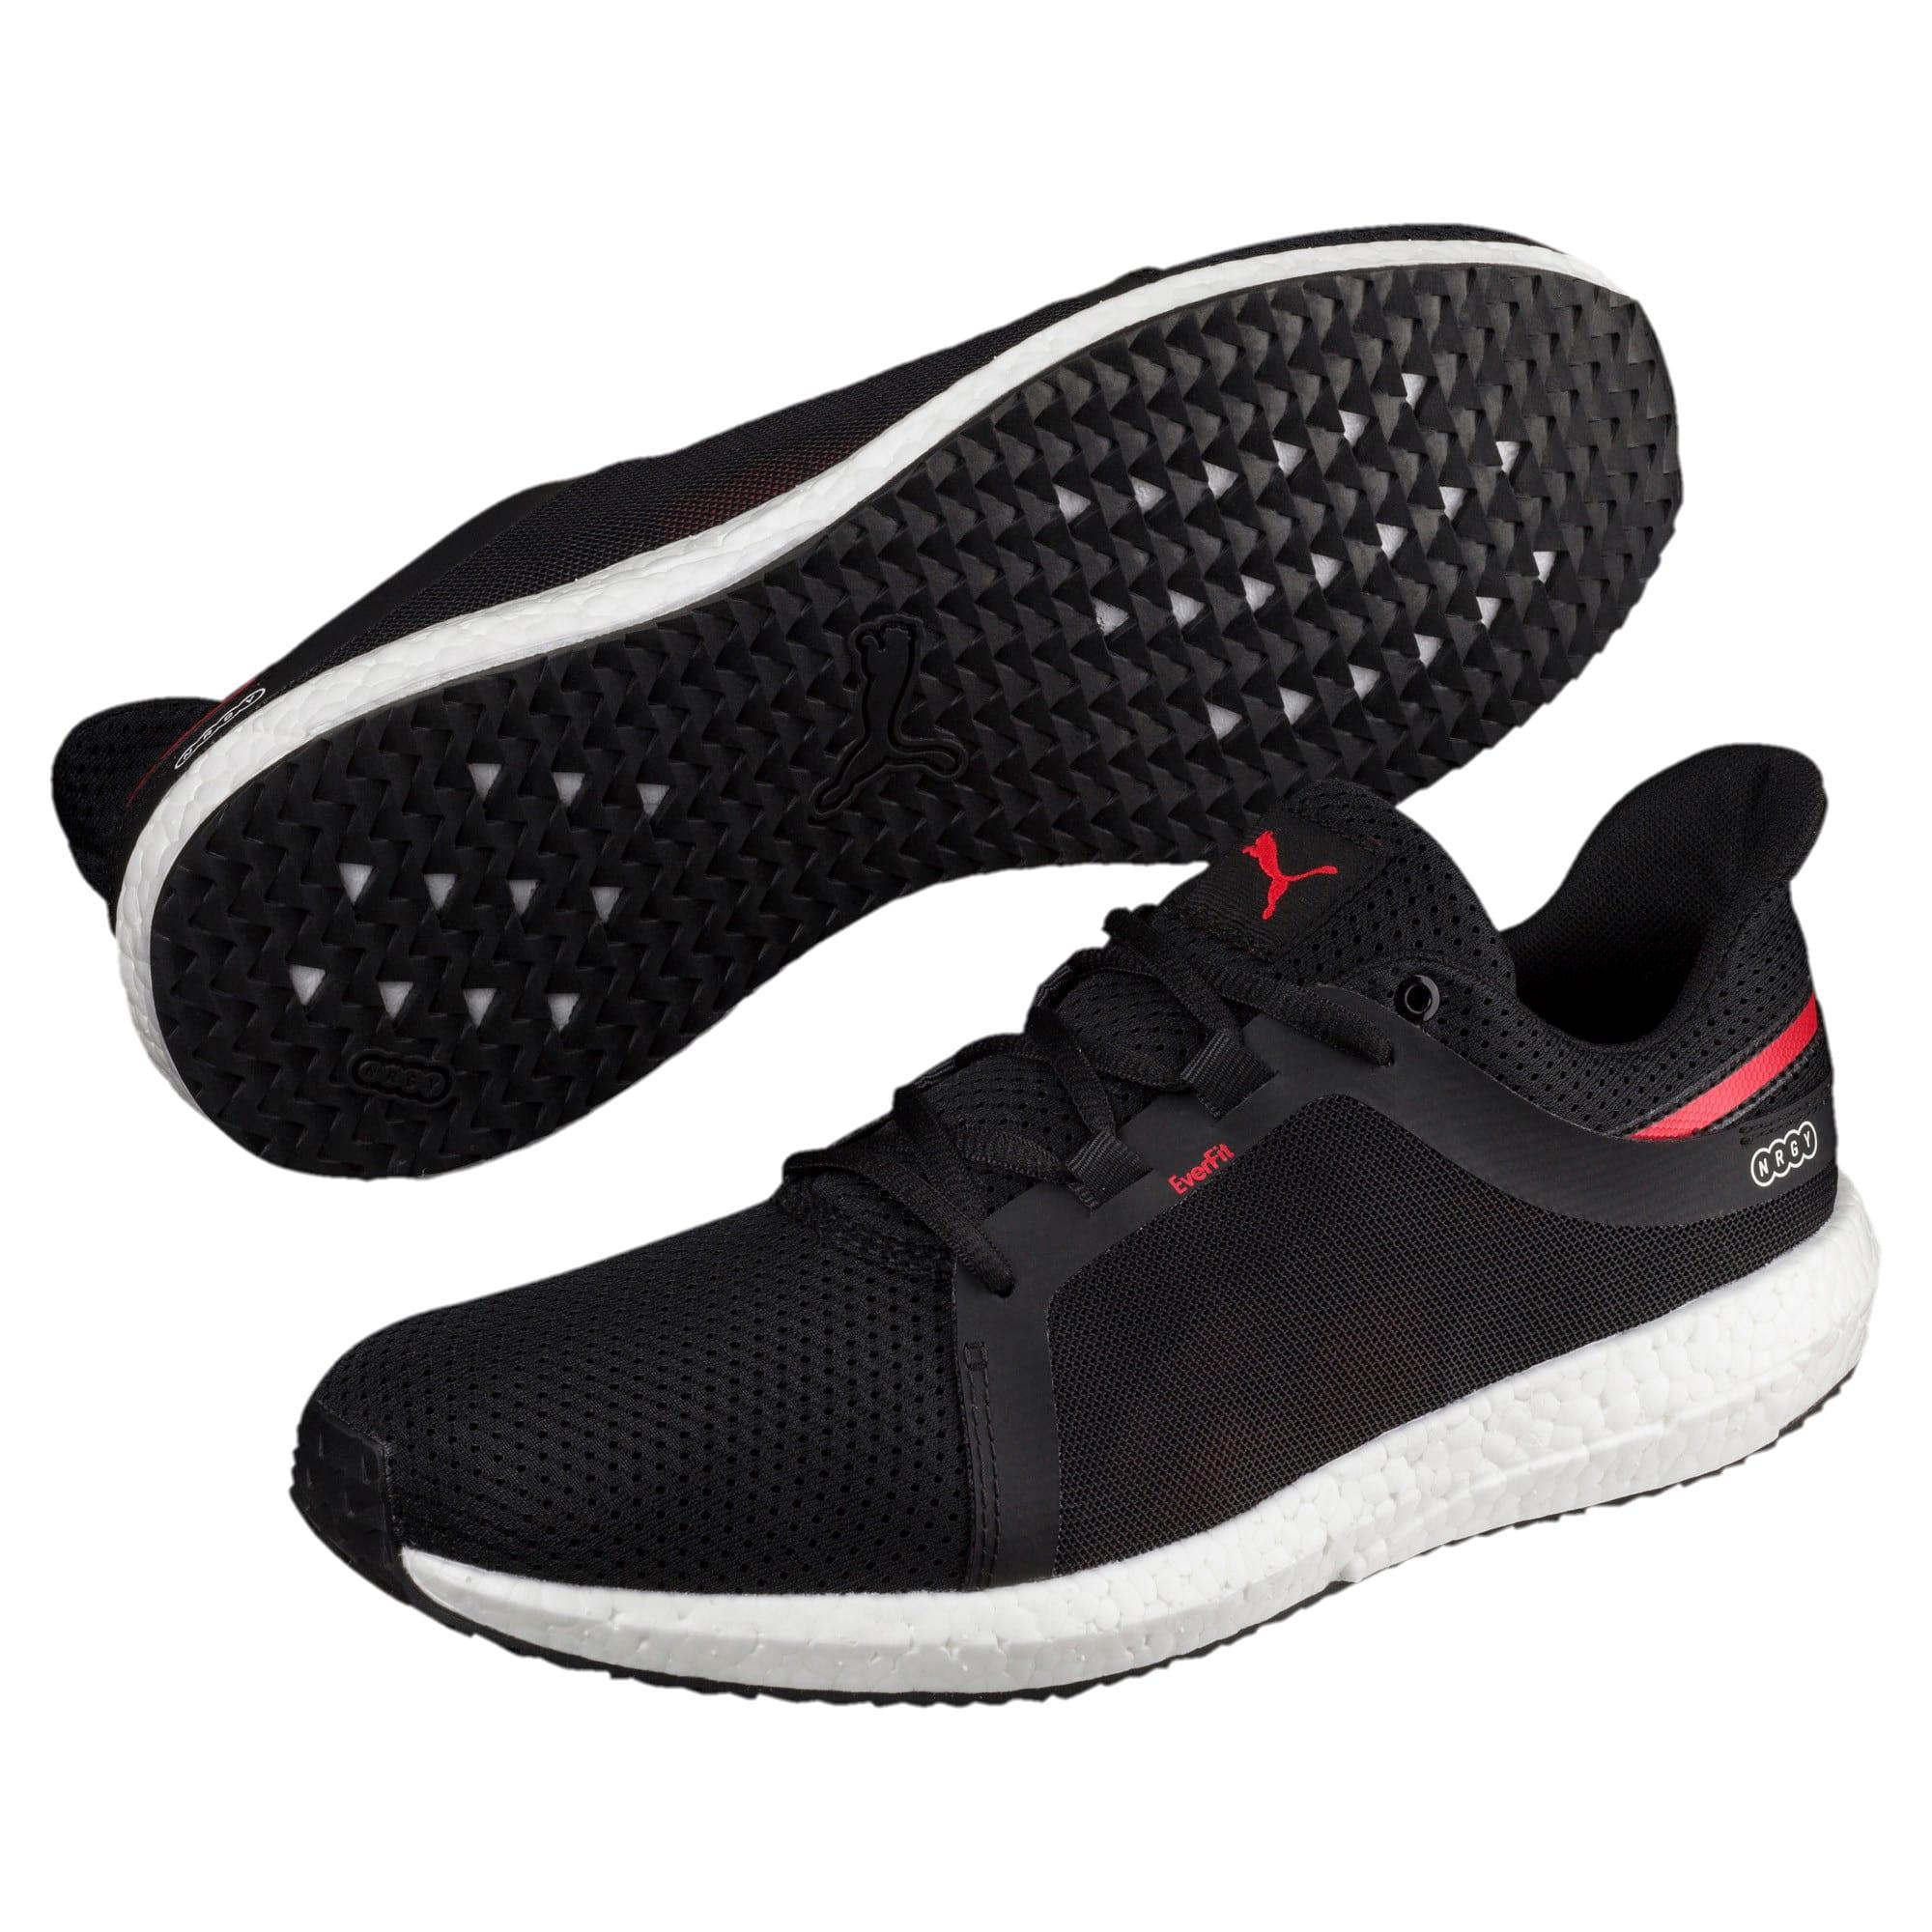 Thumbnail 2 of Mega NRGY Turbo 2 Men's Running Shoes, Puma Black-Ribbon Red, medium